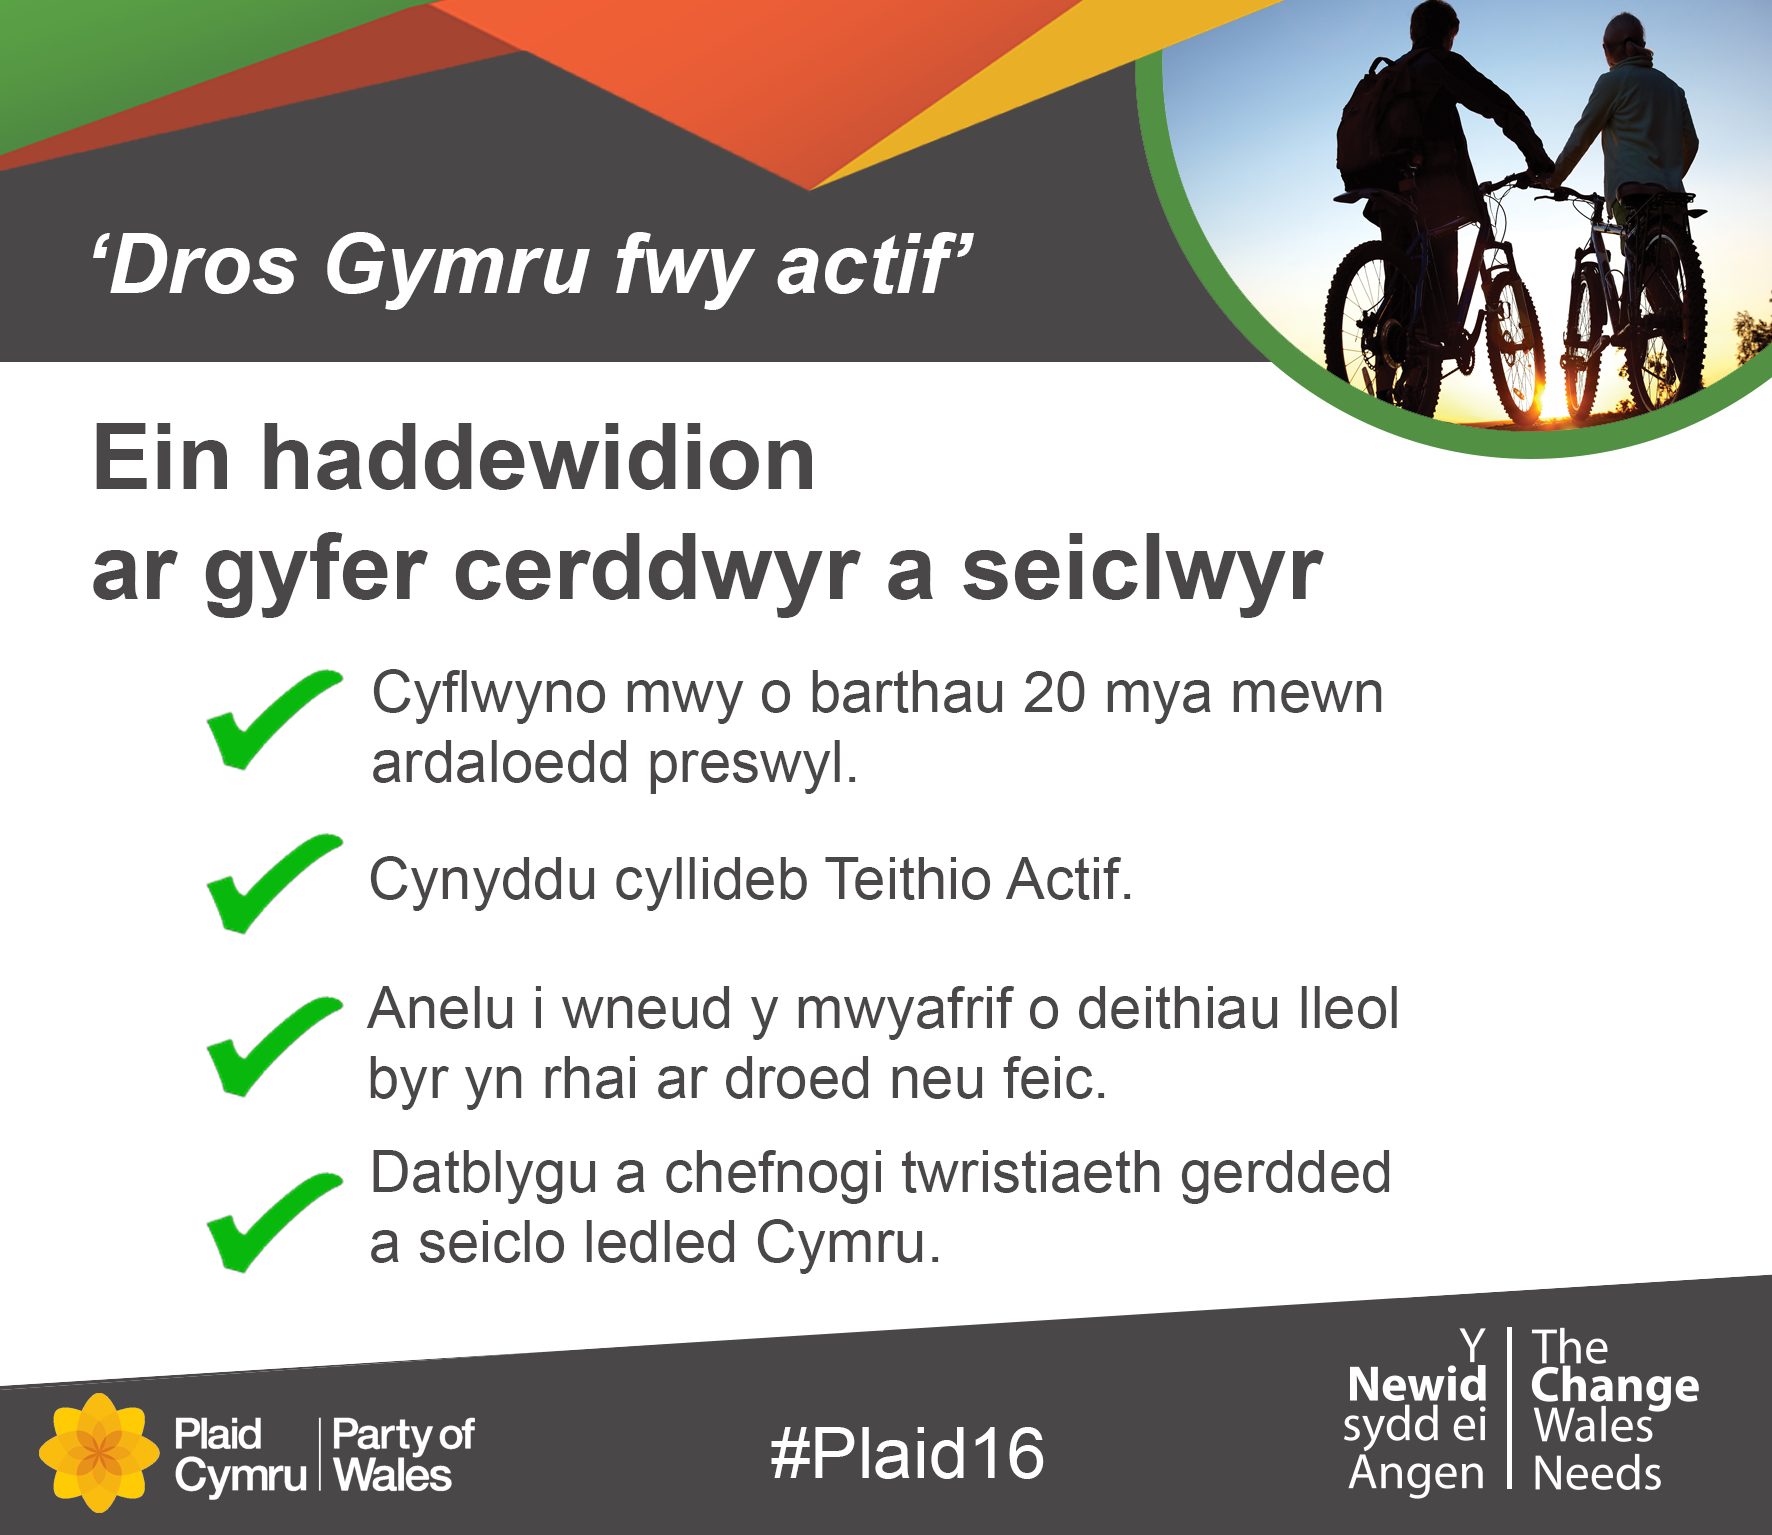 Addewidion_Cymru_Actif.png